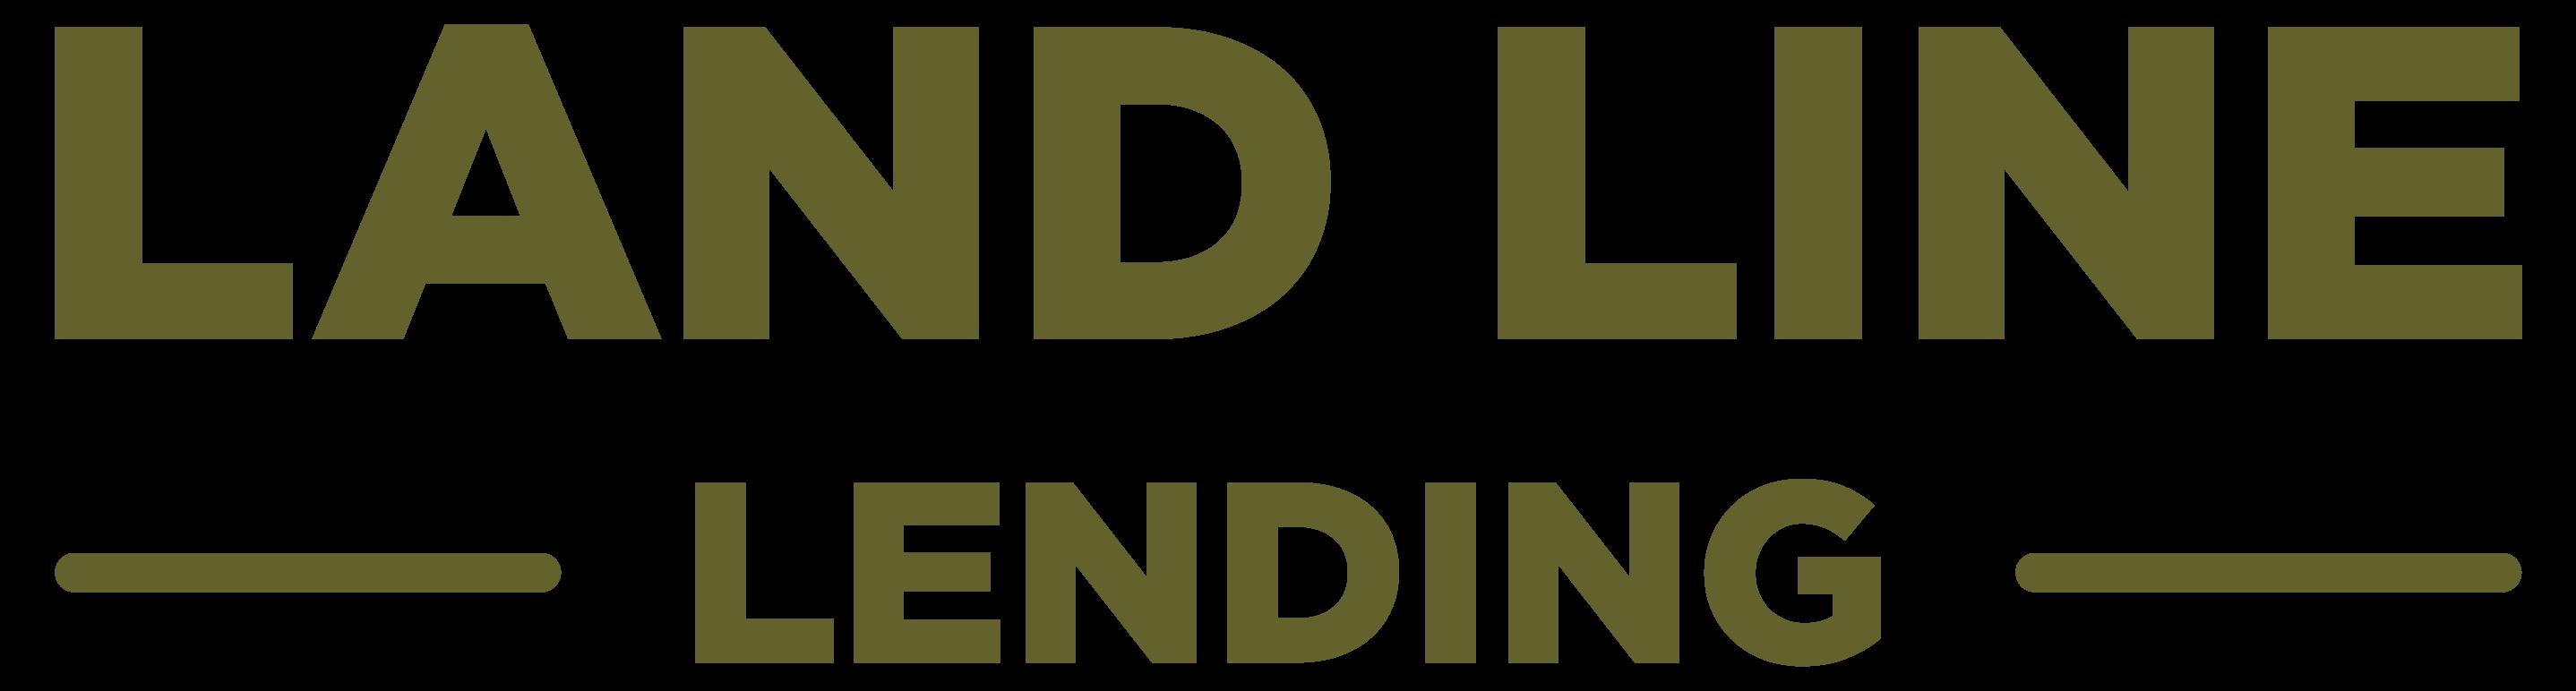 Land Line Lending